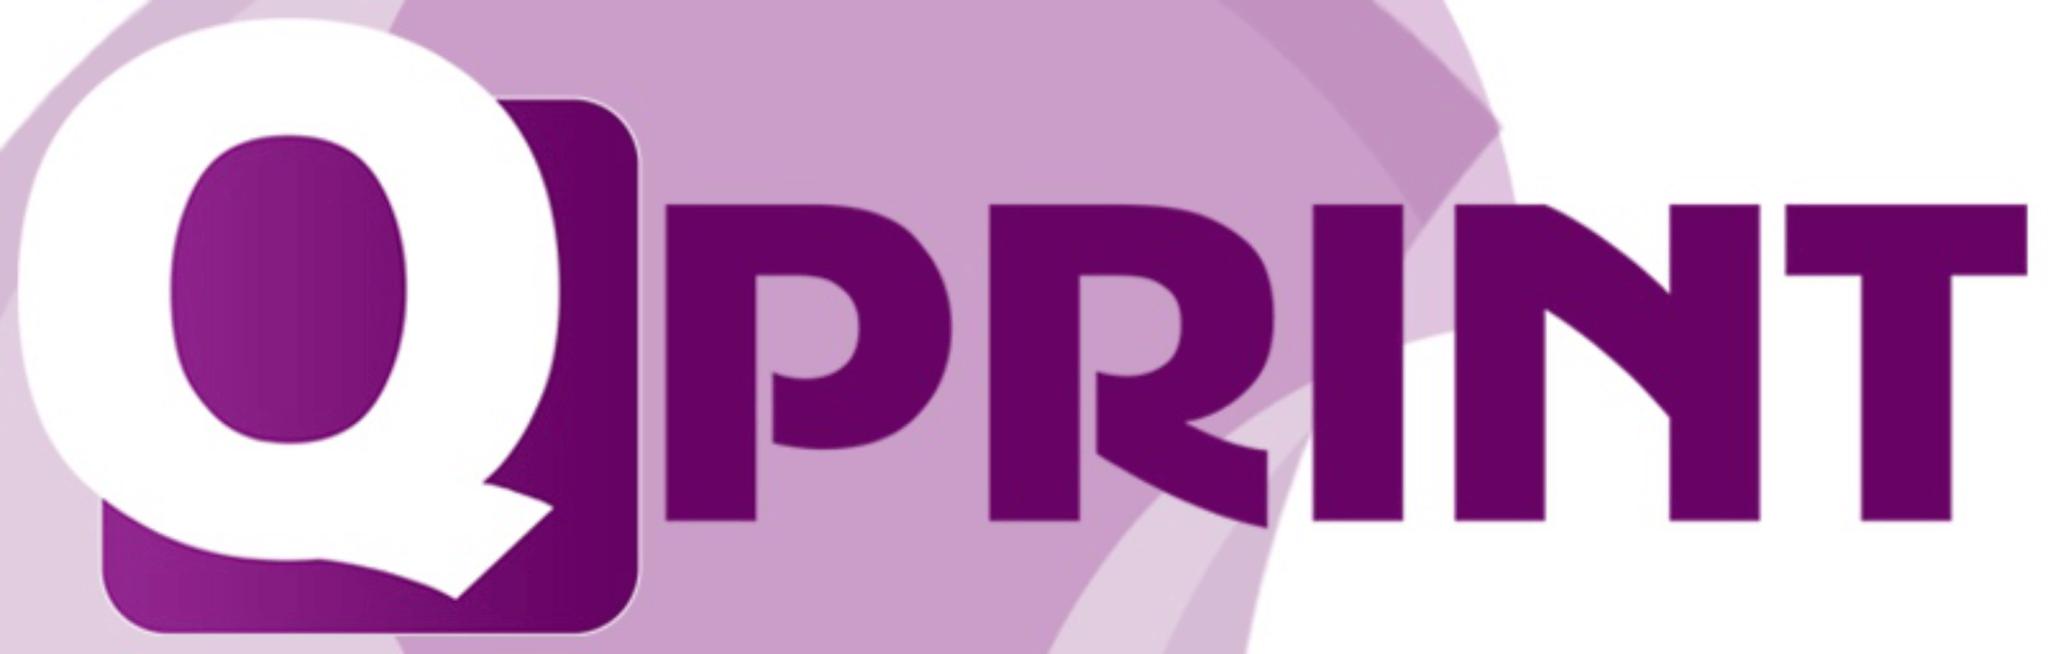 Рекламная мастерская Qprint